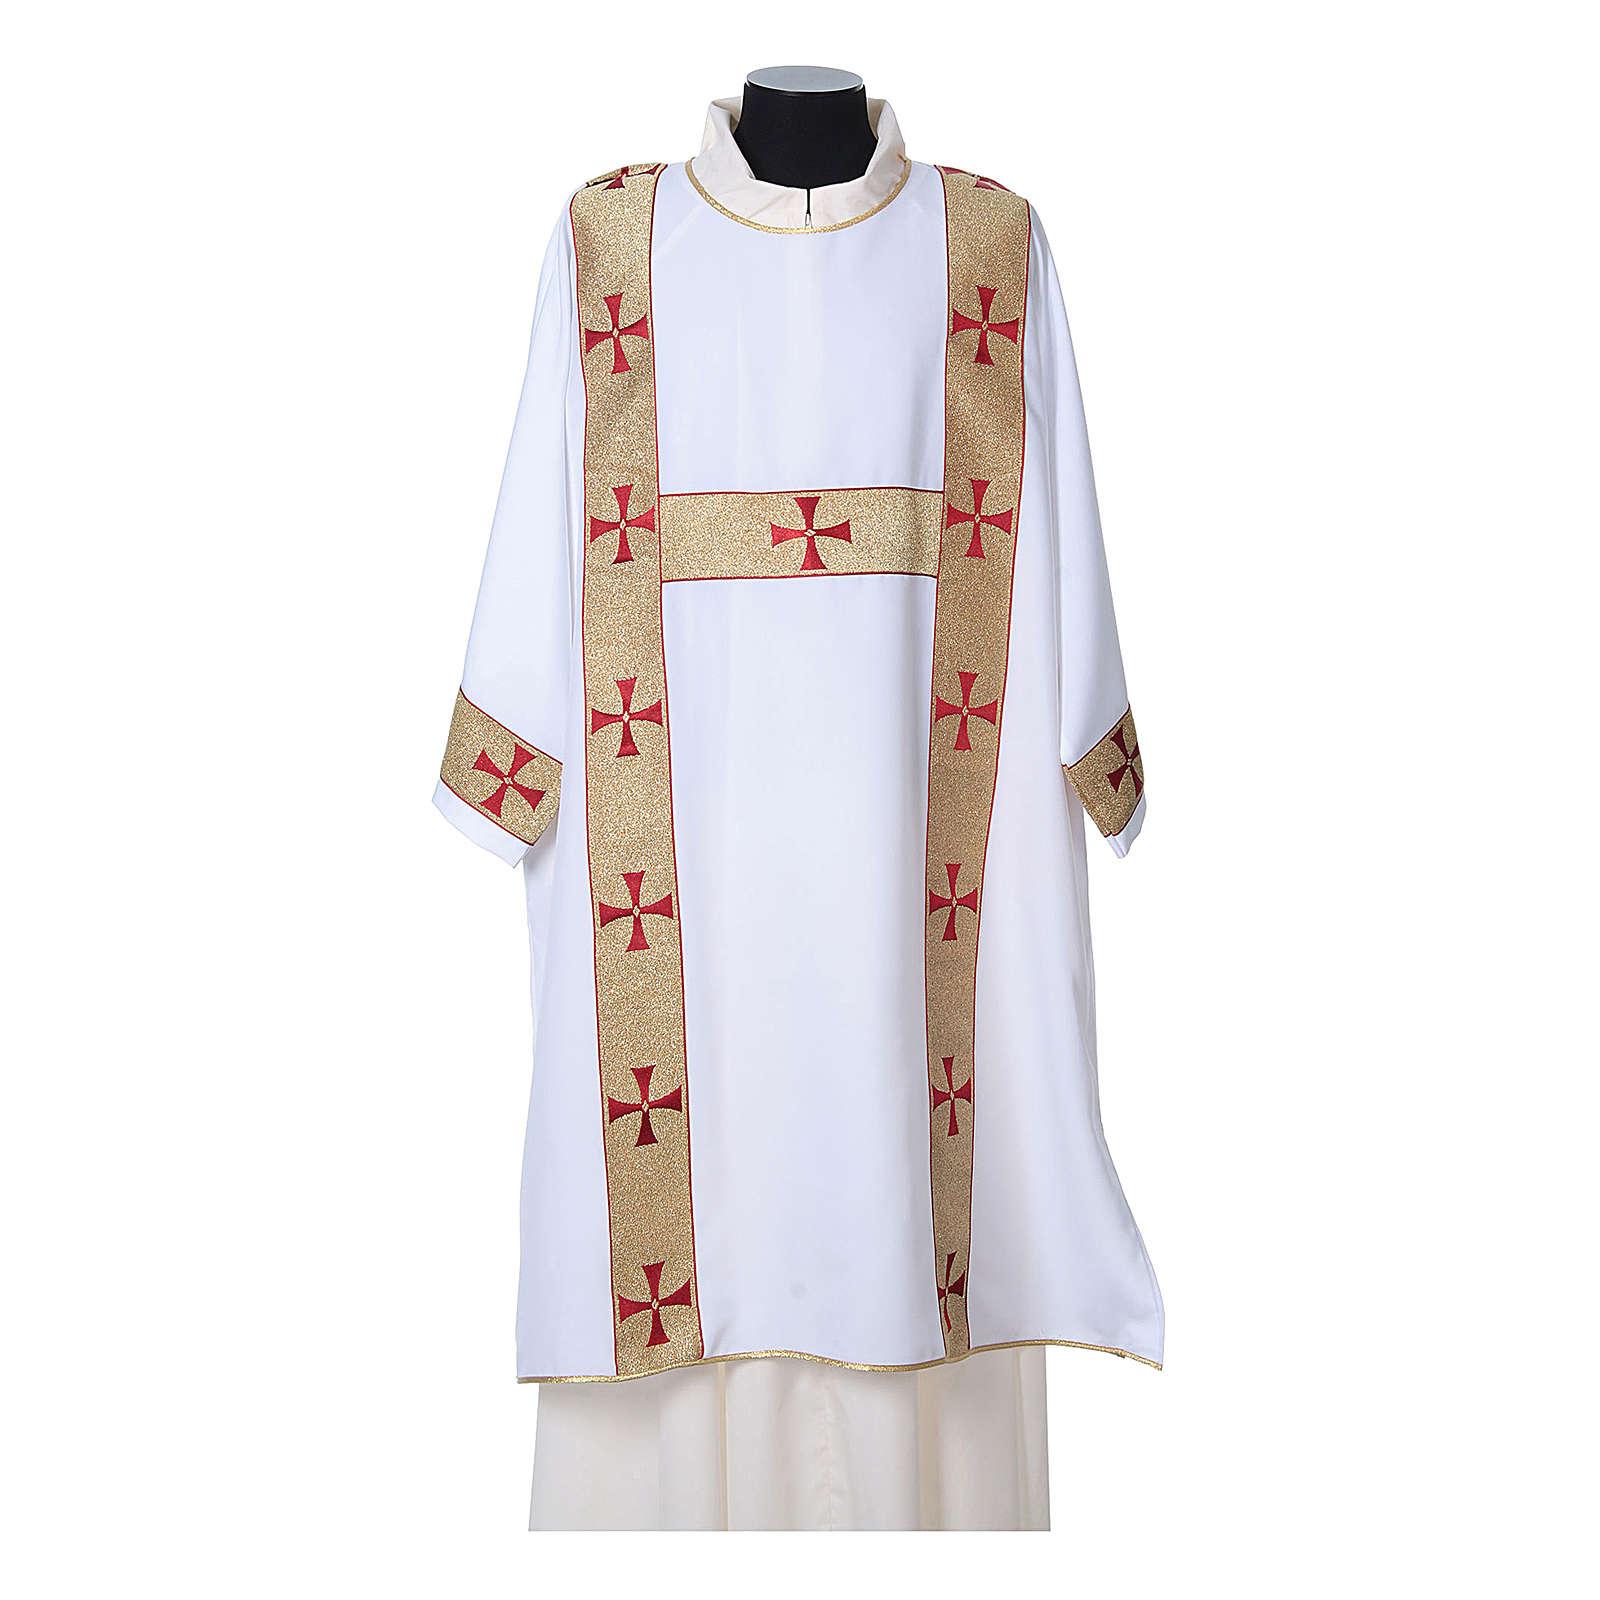 Dalmatica tessuto 100% poliestere Vatican gallone applicato fronte 4